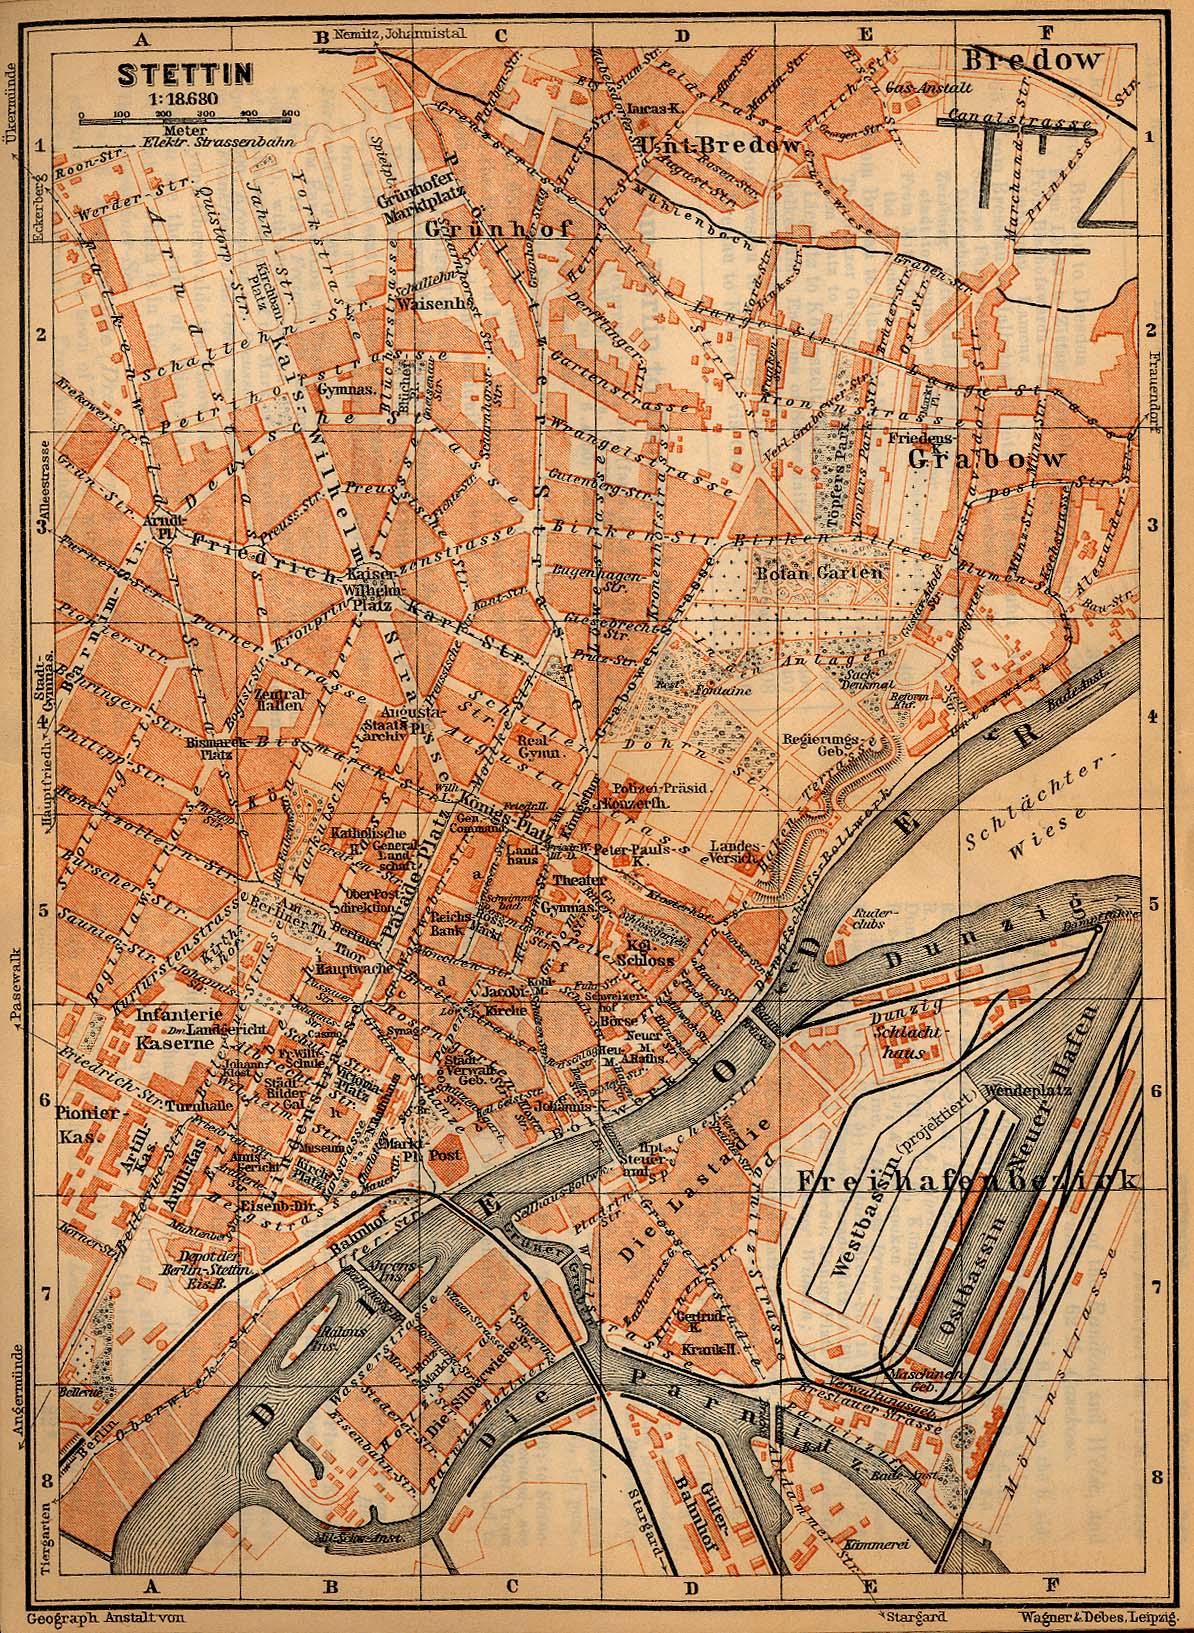 Szczecin (Stettin) Map, Germany 1910